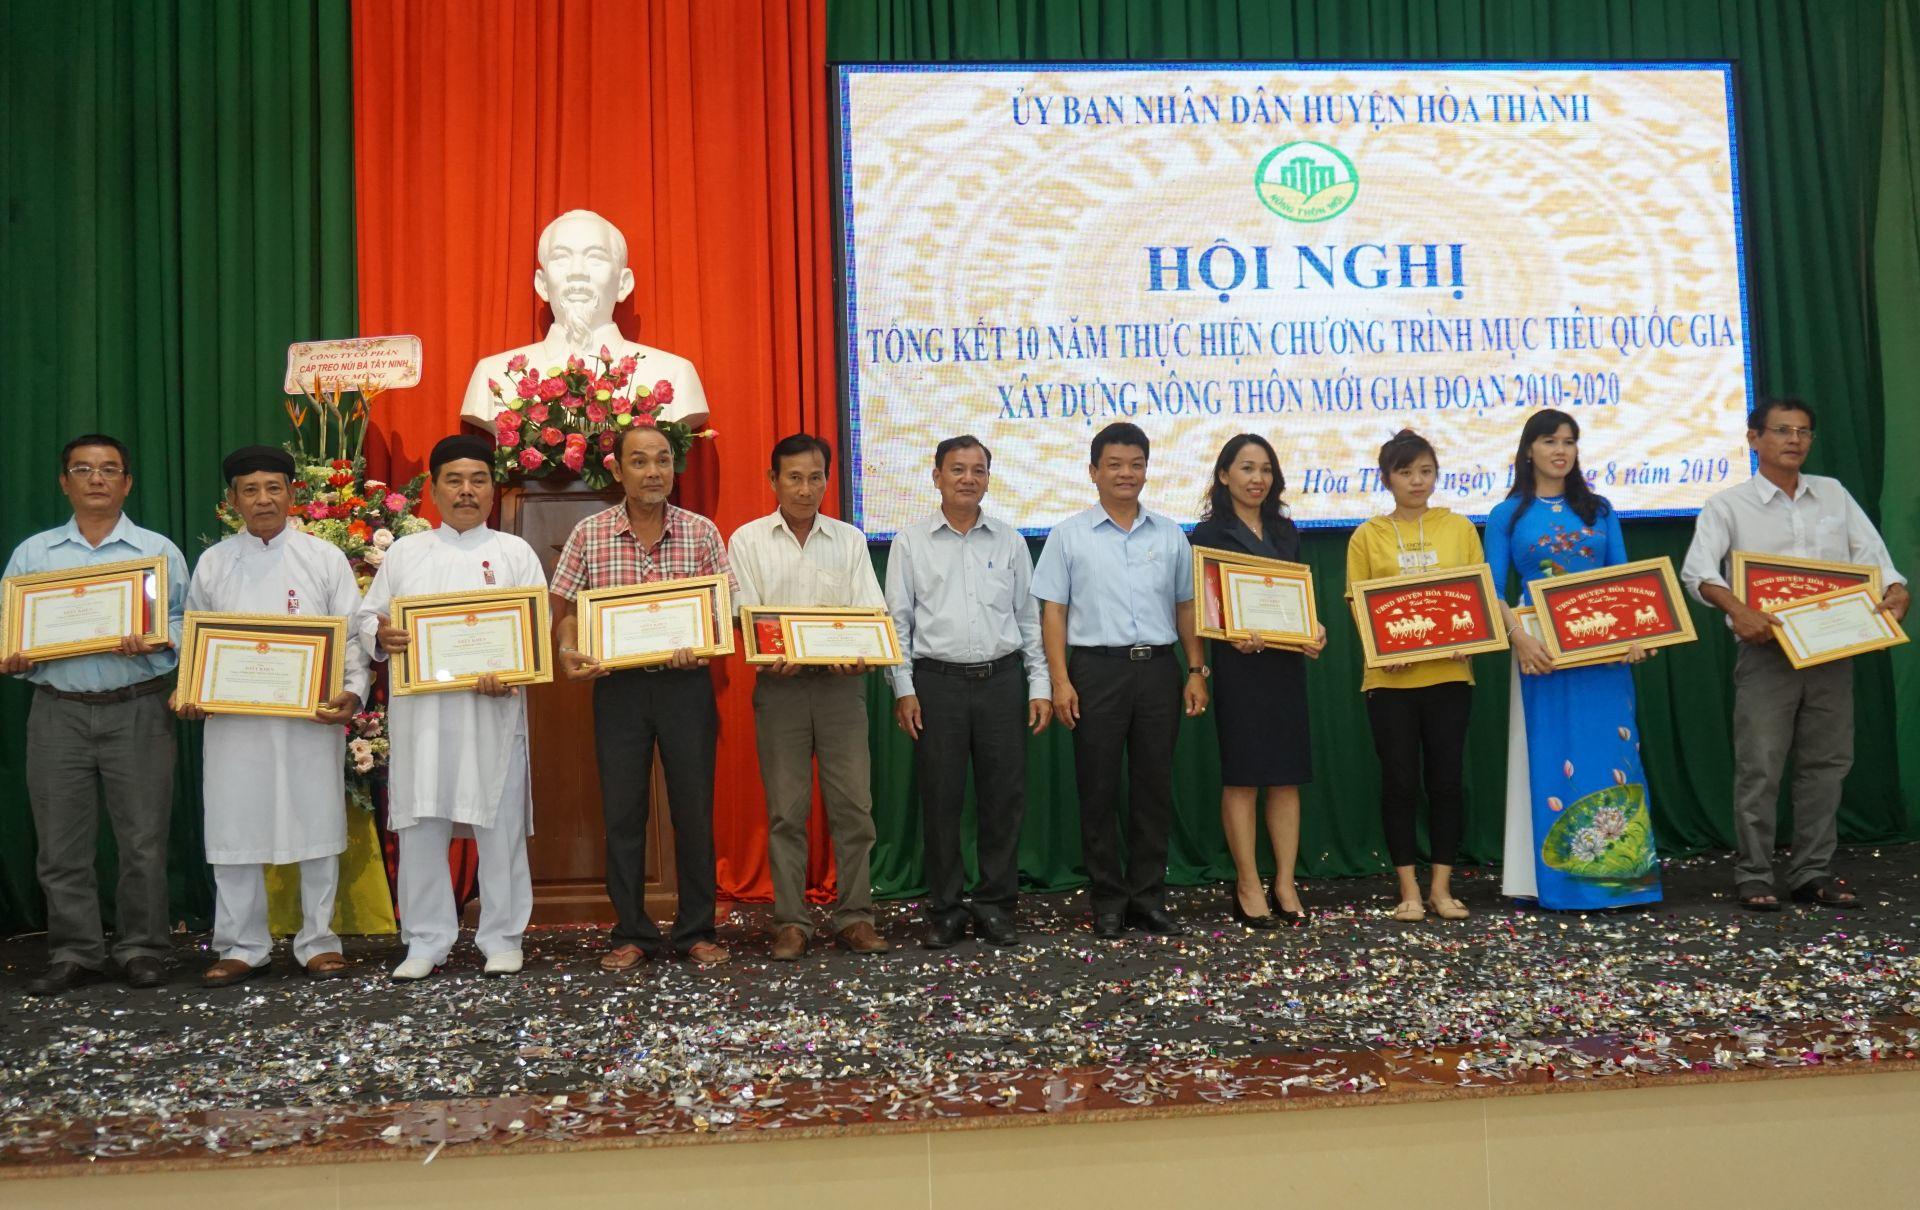 Điểm báo in Tây Ninh ngày 14.08.2019